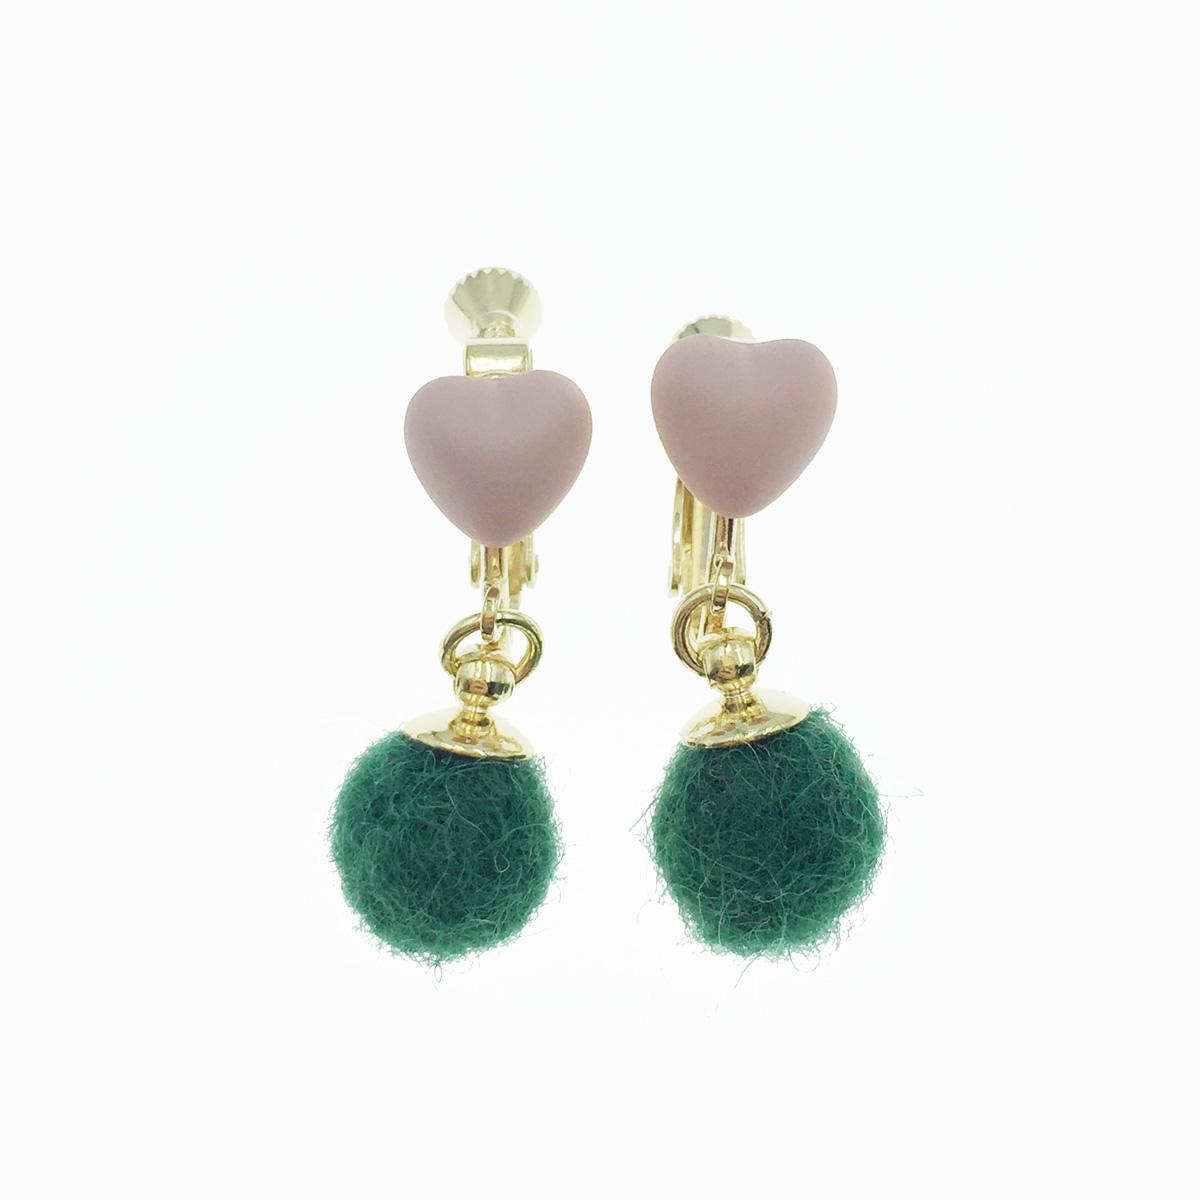 韓國 愛心 綠毛球 可愛甜美風 夾式耳環